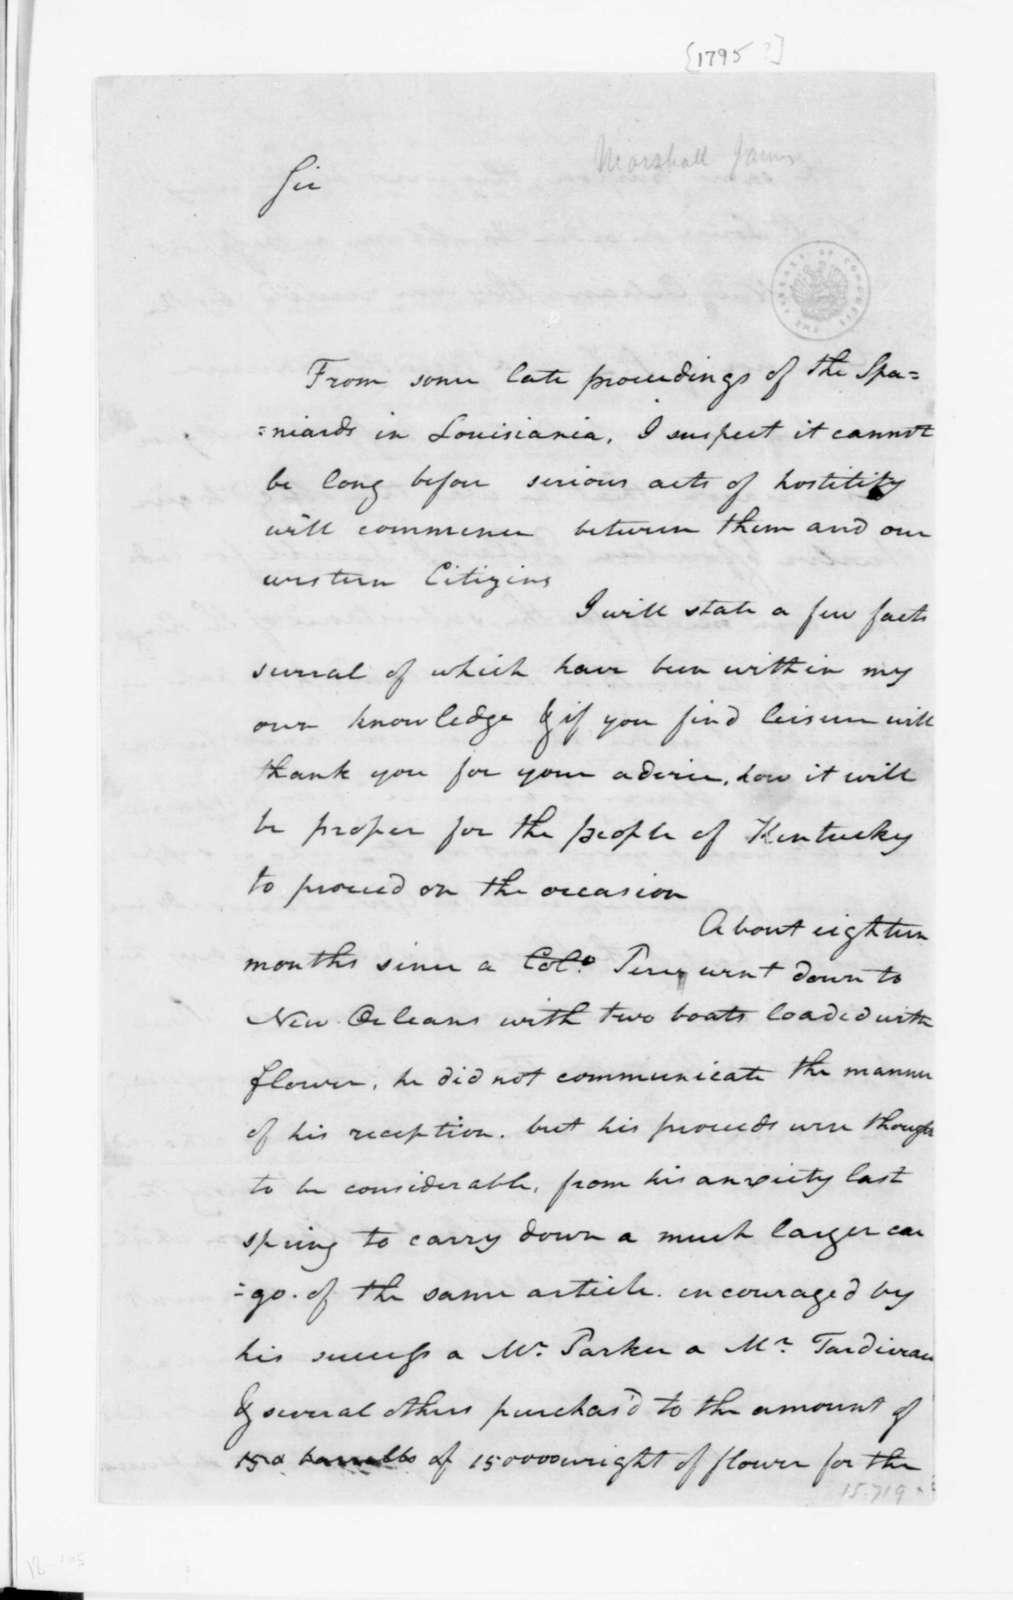 James Marshall to James Madison. 1795.